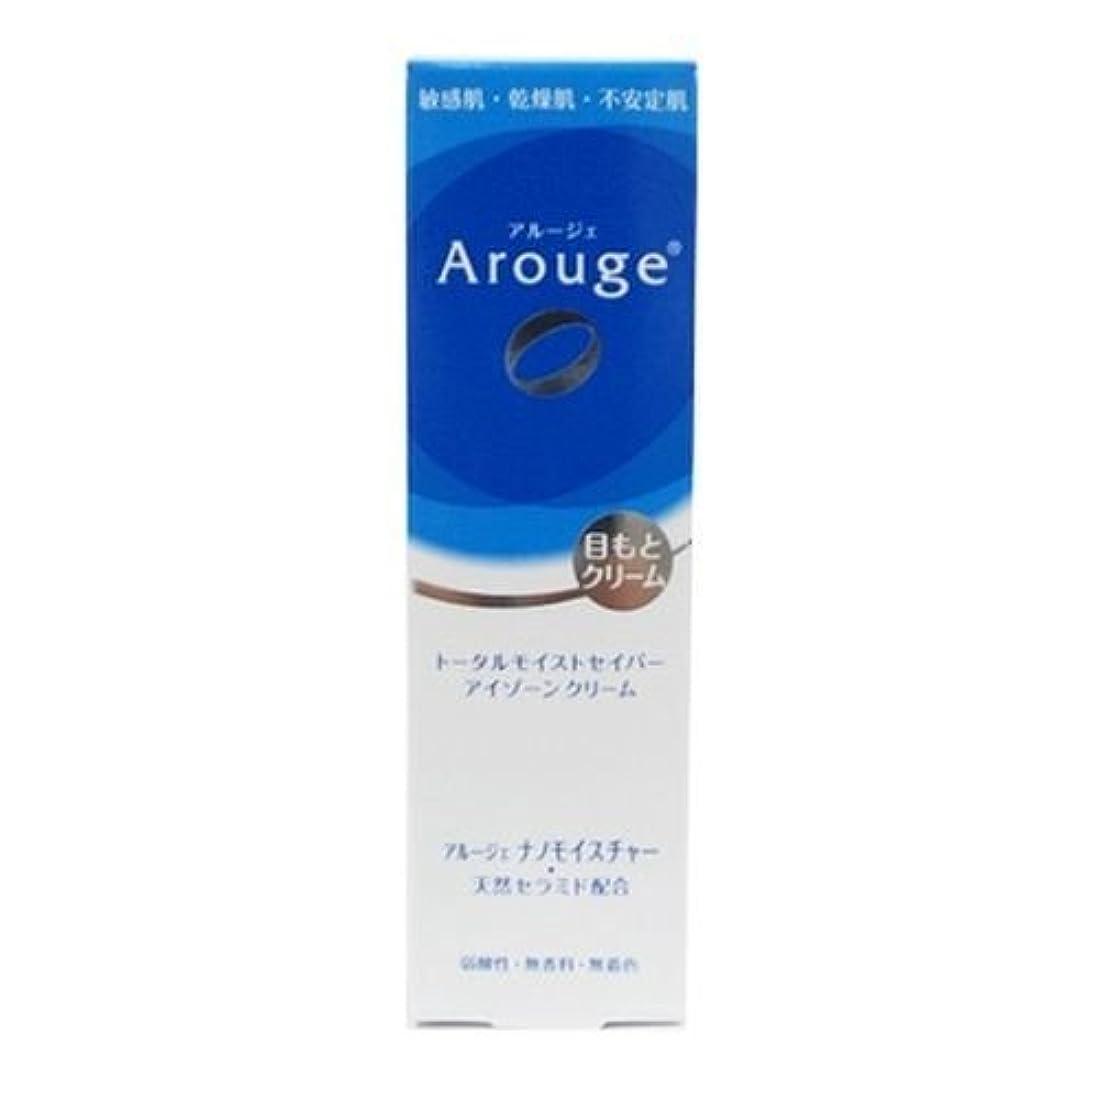 ありふれたドループ崩壊アルージェ(Arouge)トータルモイストセイバー アイゾーンクリーム 15g